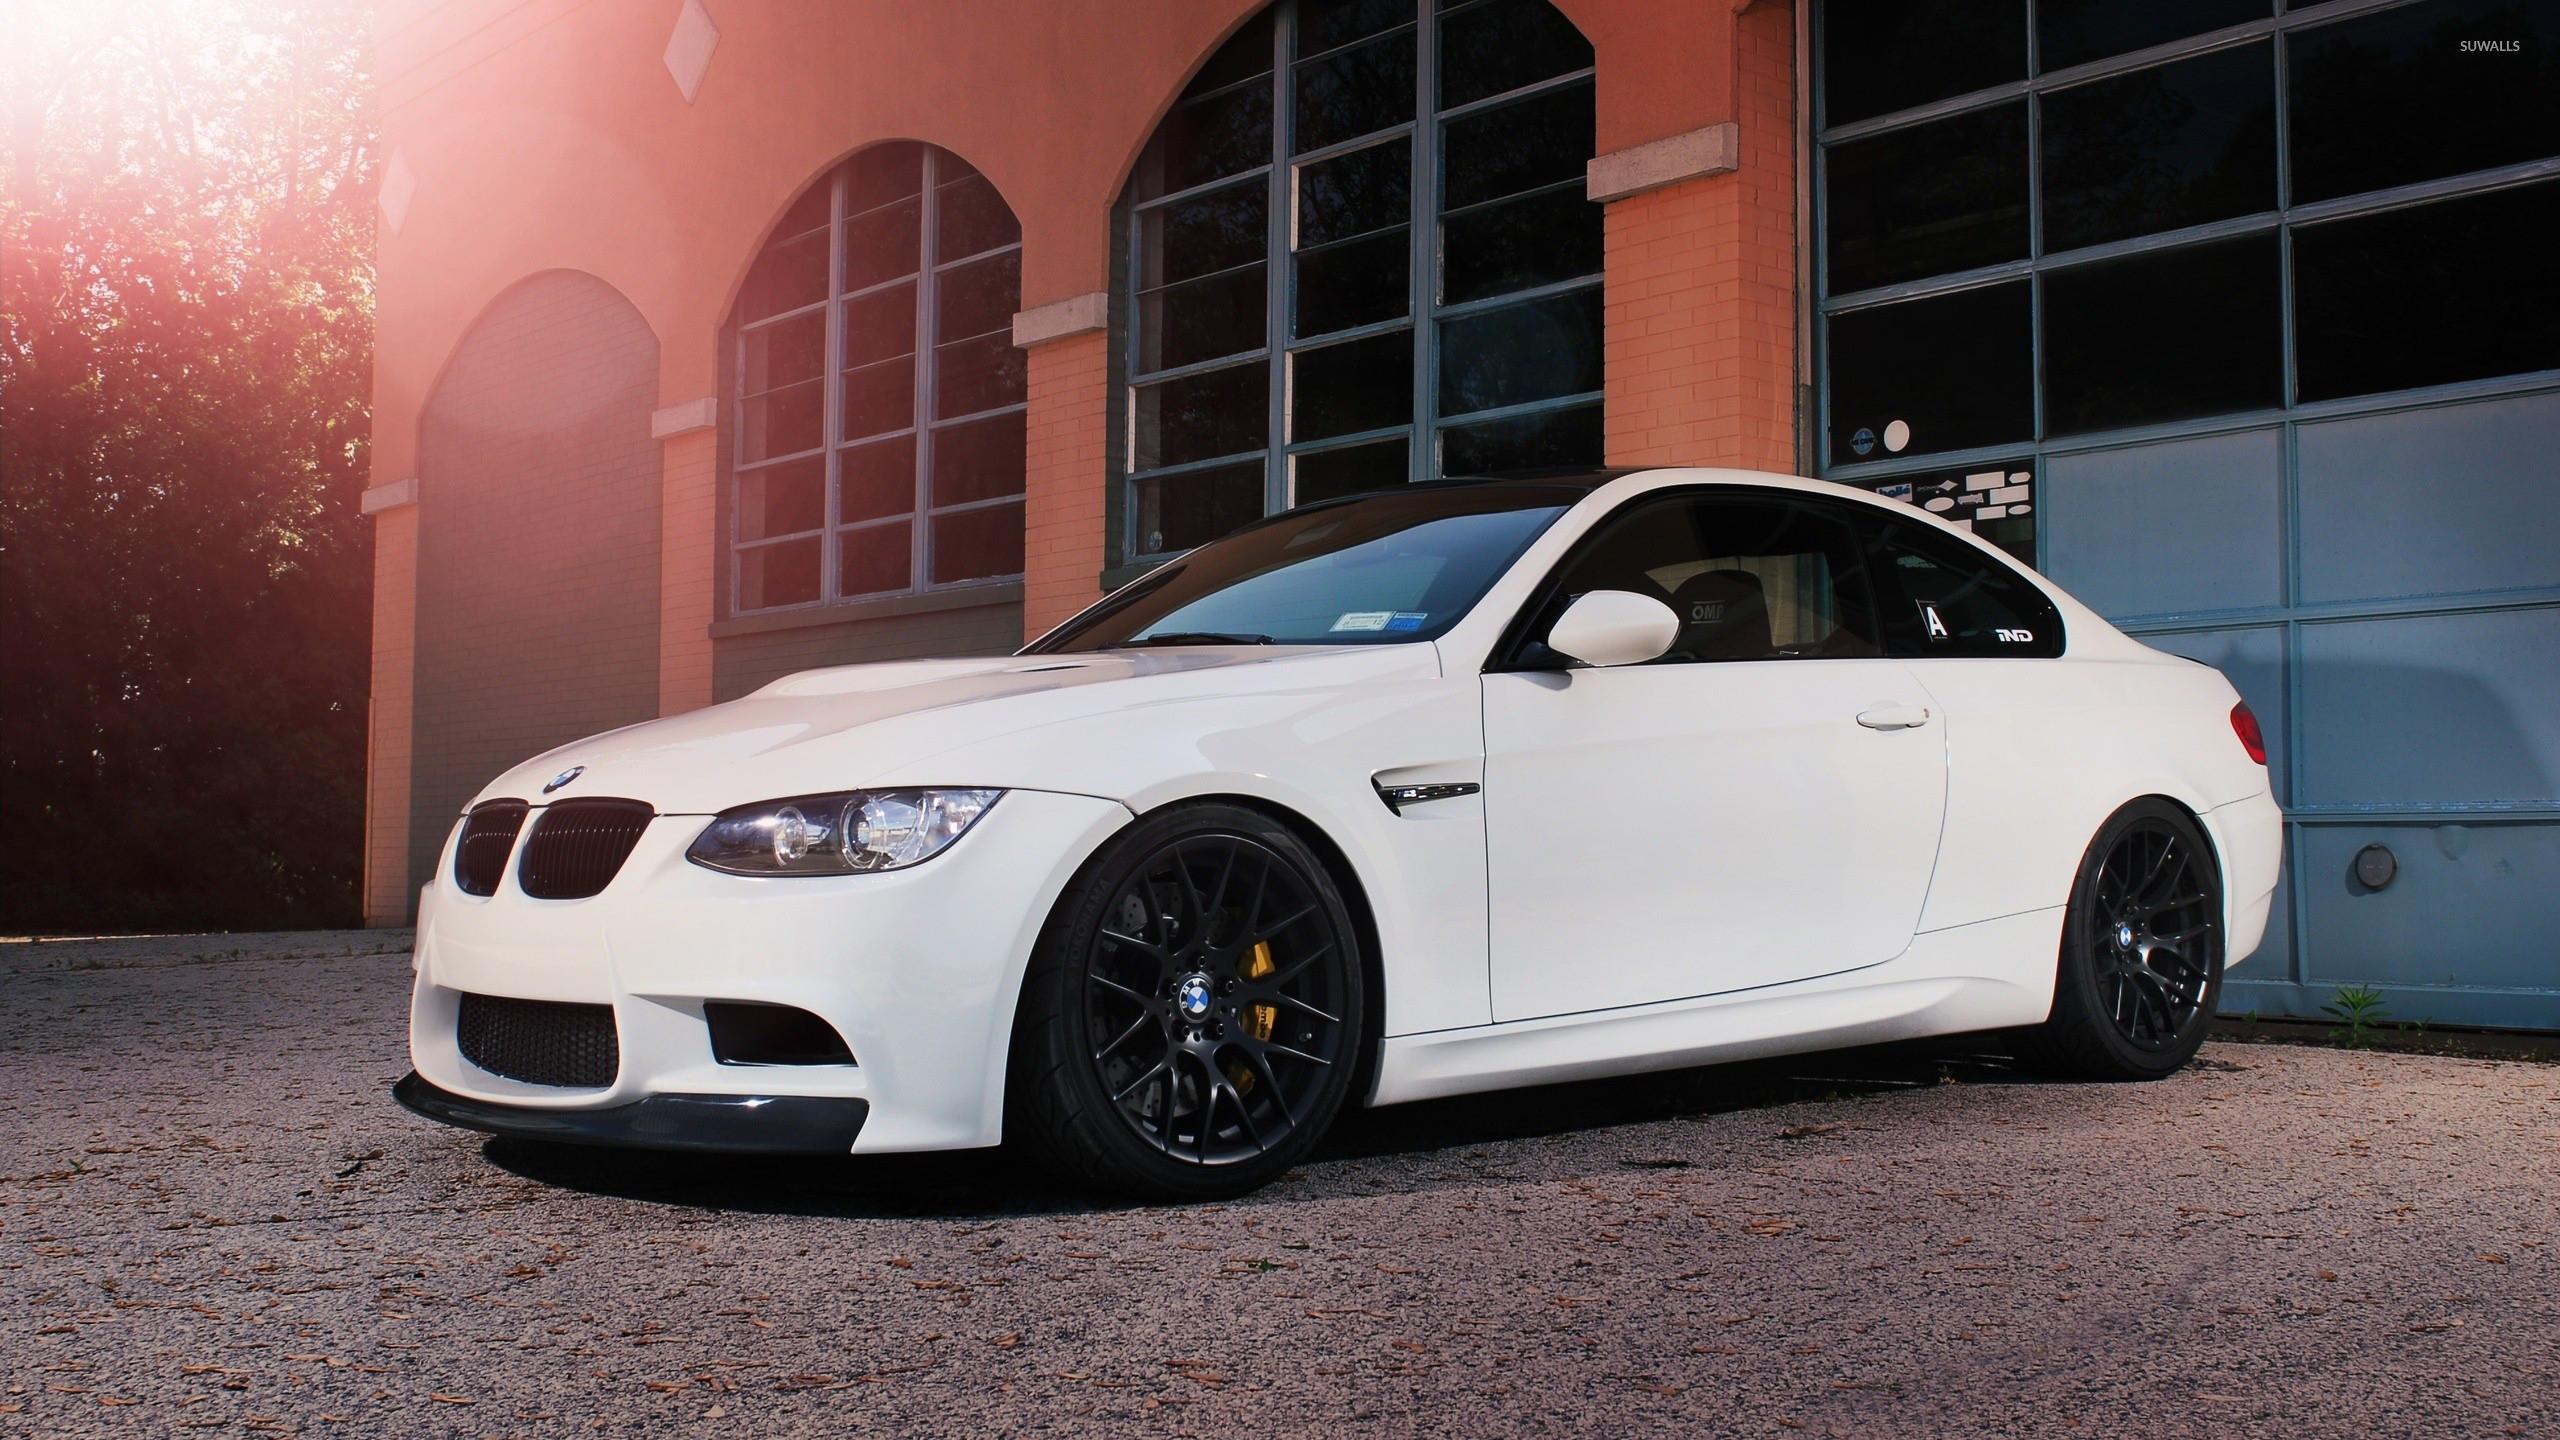 BMW M3 Wallpaper 1